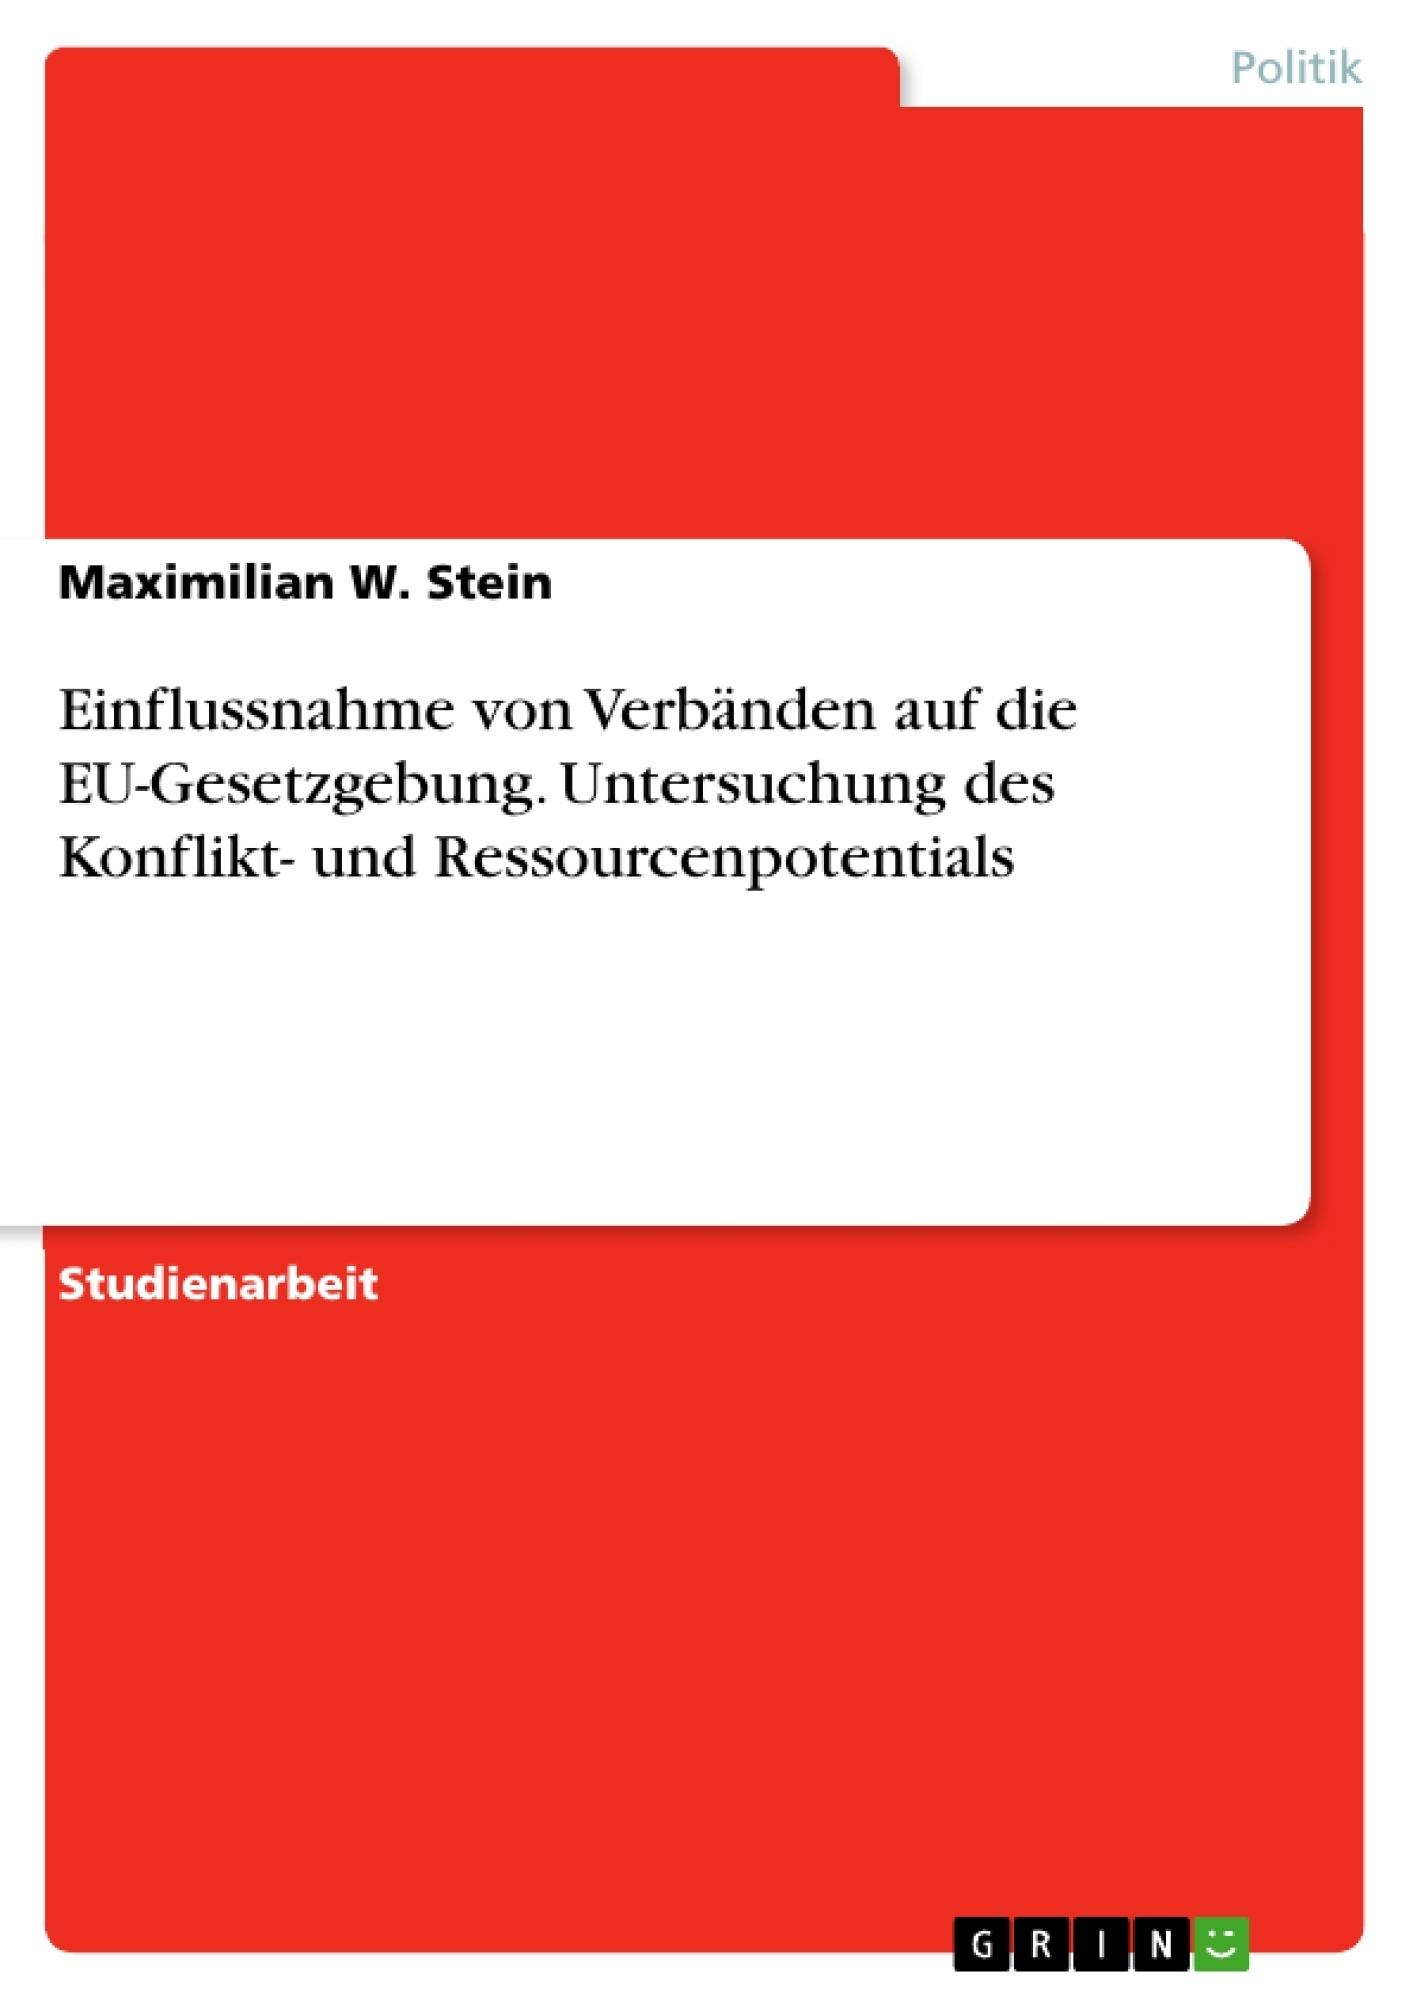 Titel: Einflussnahme von Verbänden auf die EU-Gesetzgebung. Untersuchung des Konflikt- und Ressourcenpotentials